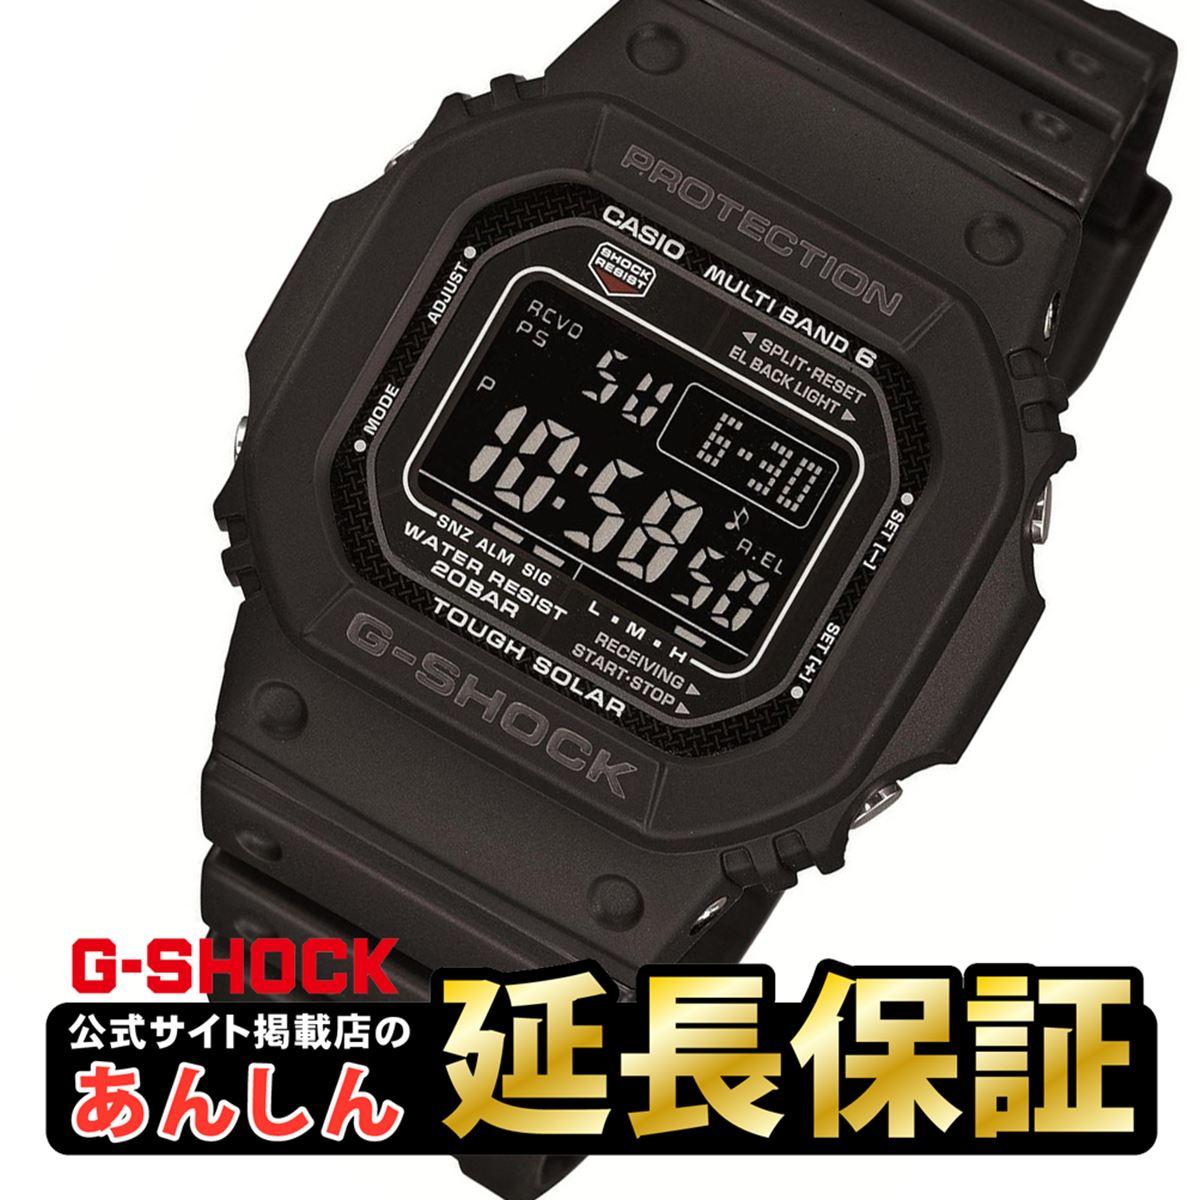 CASIO Tough Solar watch 65060523:59 G GW-M5610-1...